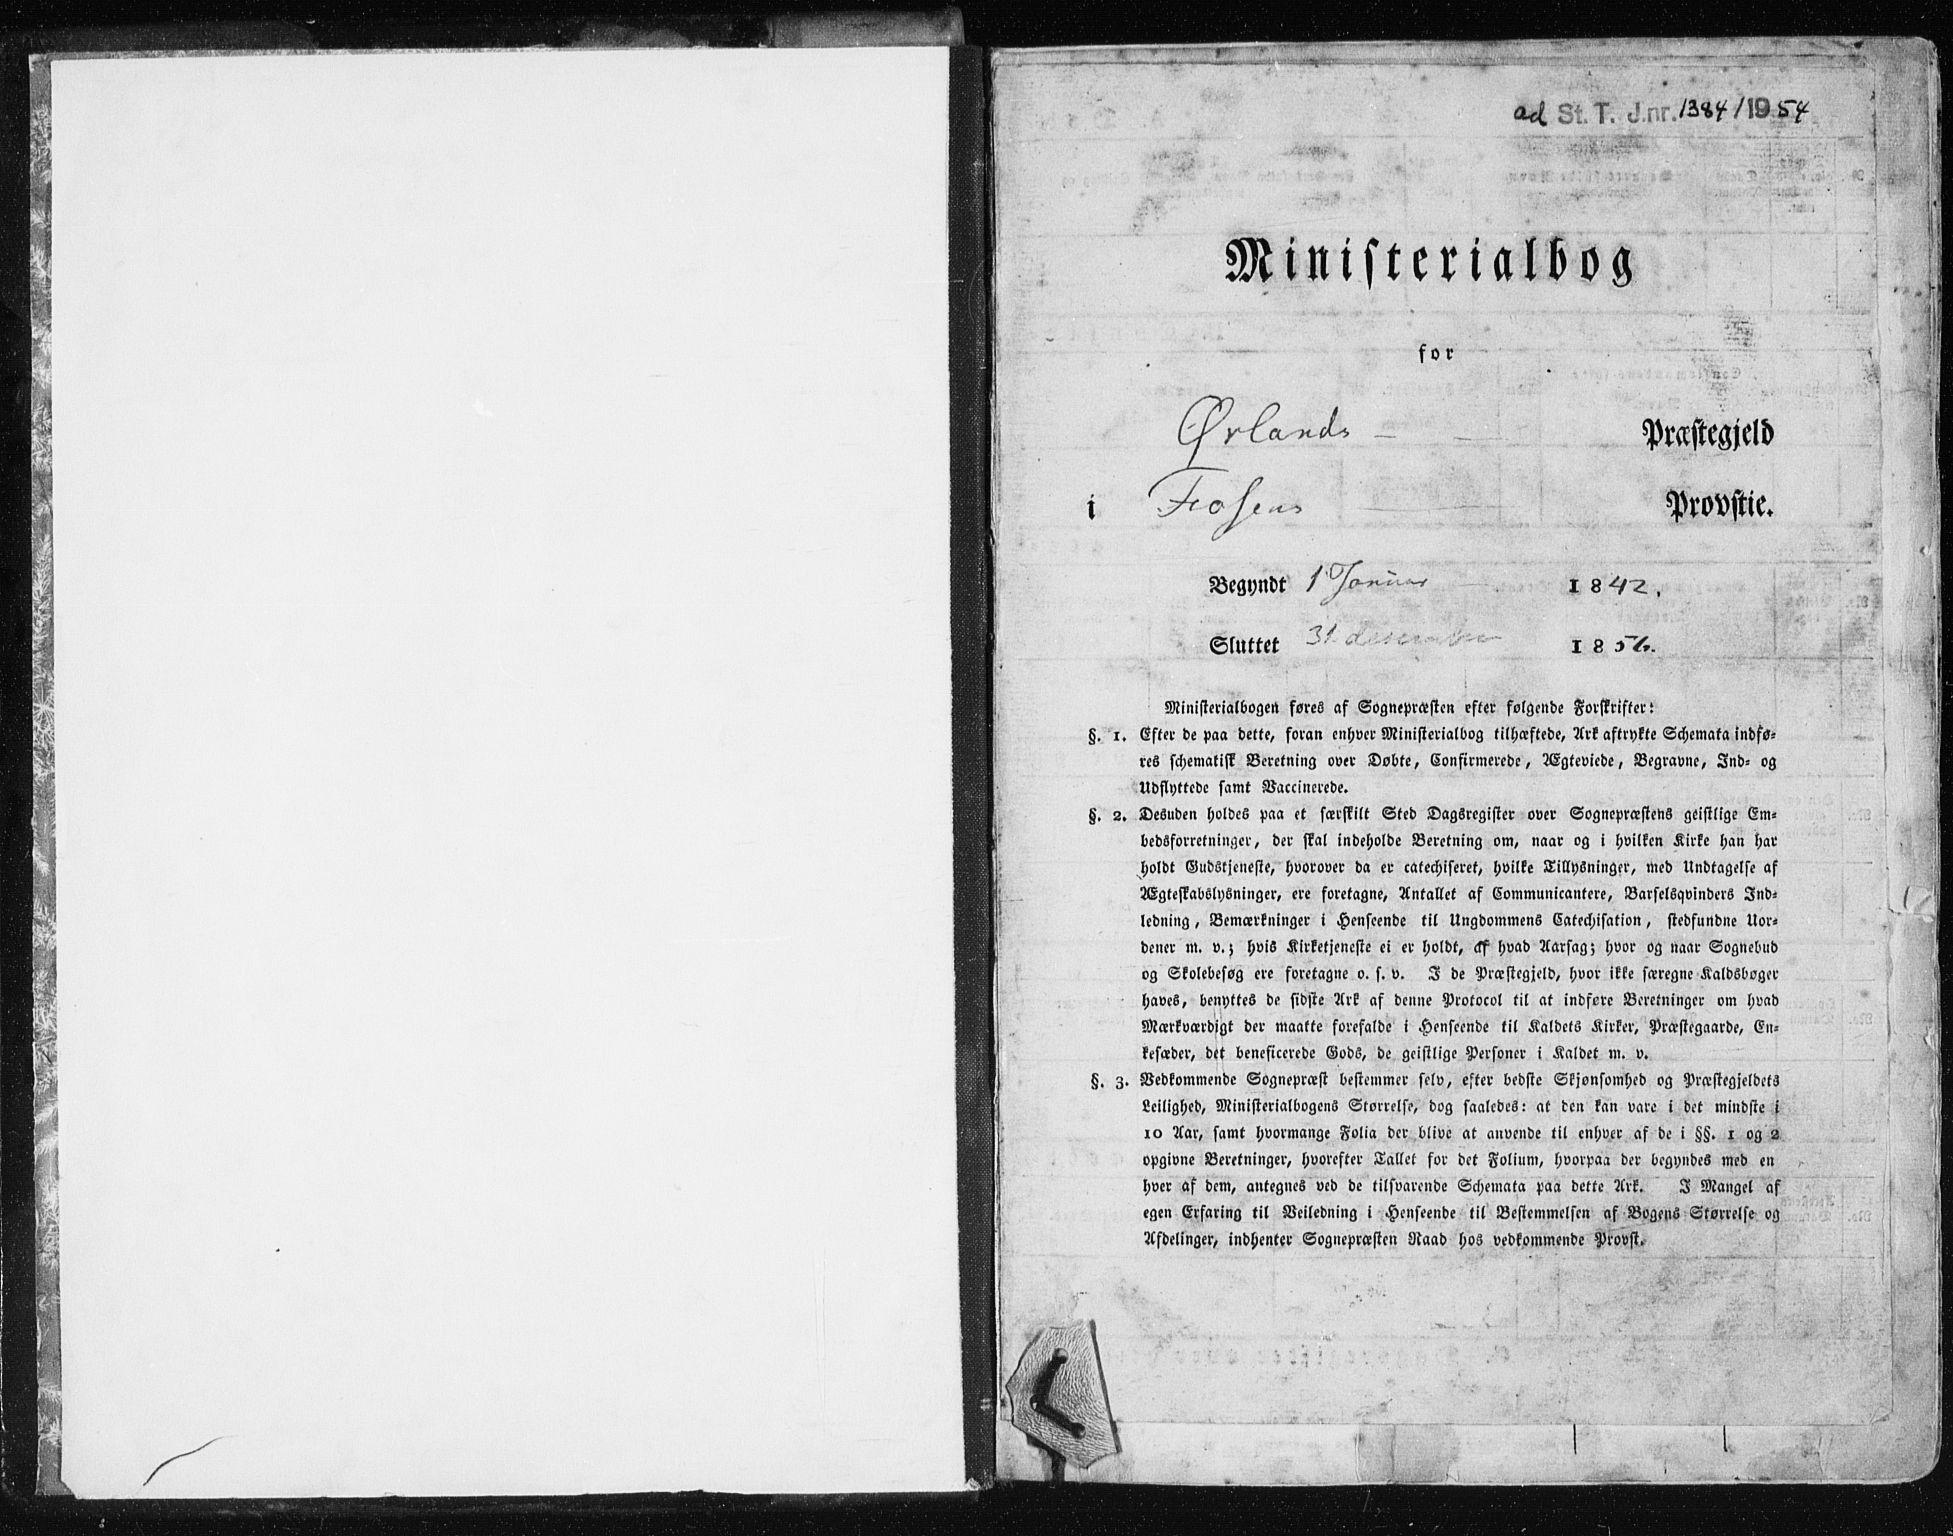 SAT, Ministerialprotokoller, klokkerbøker og fødselsregistre - Sør-Trøndelag, 659/L0736: Ministerialbok nr. 659A06, 1842-1856